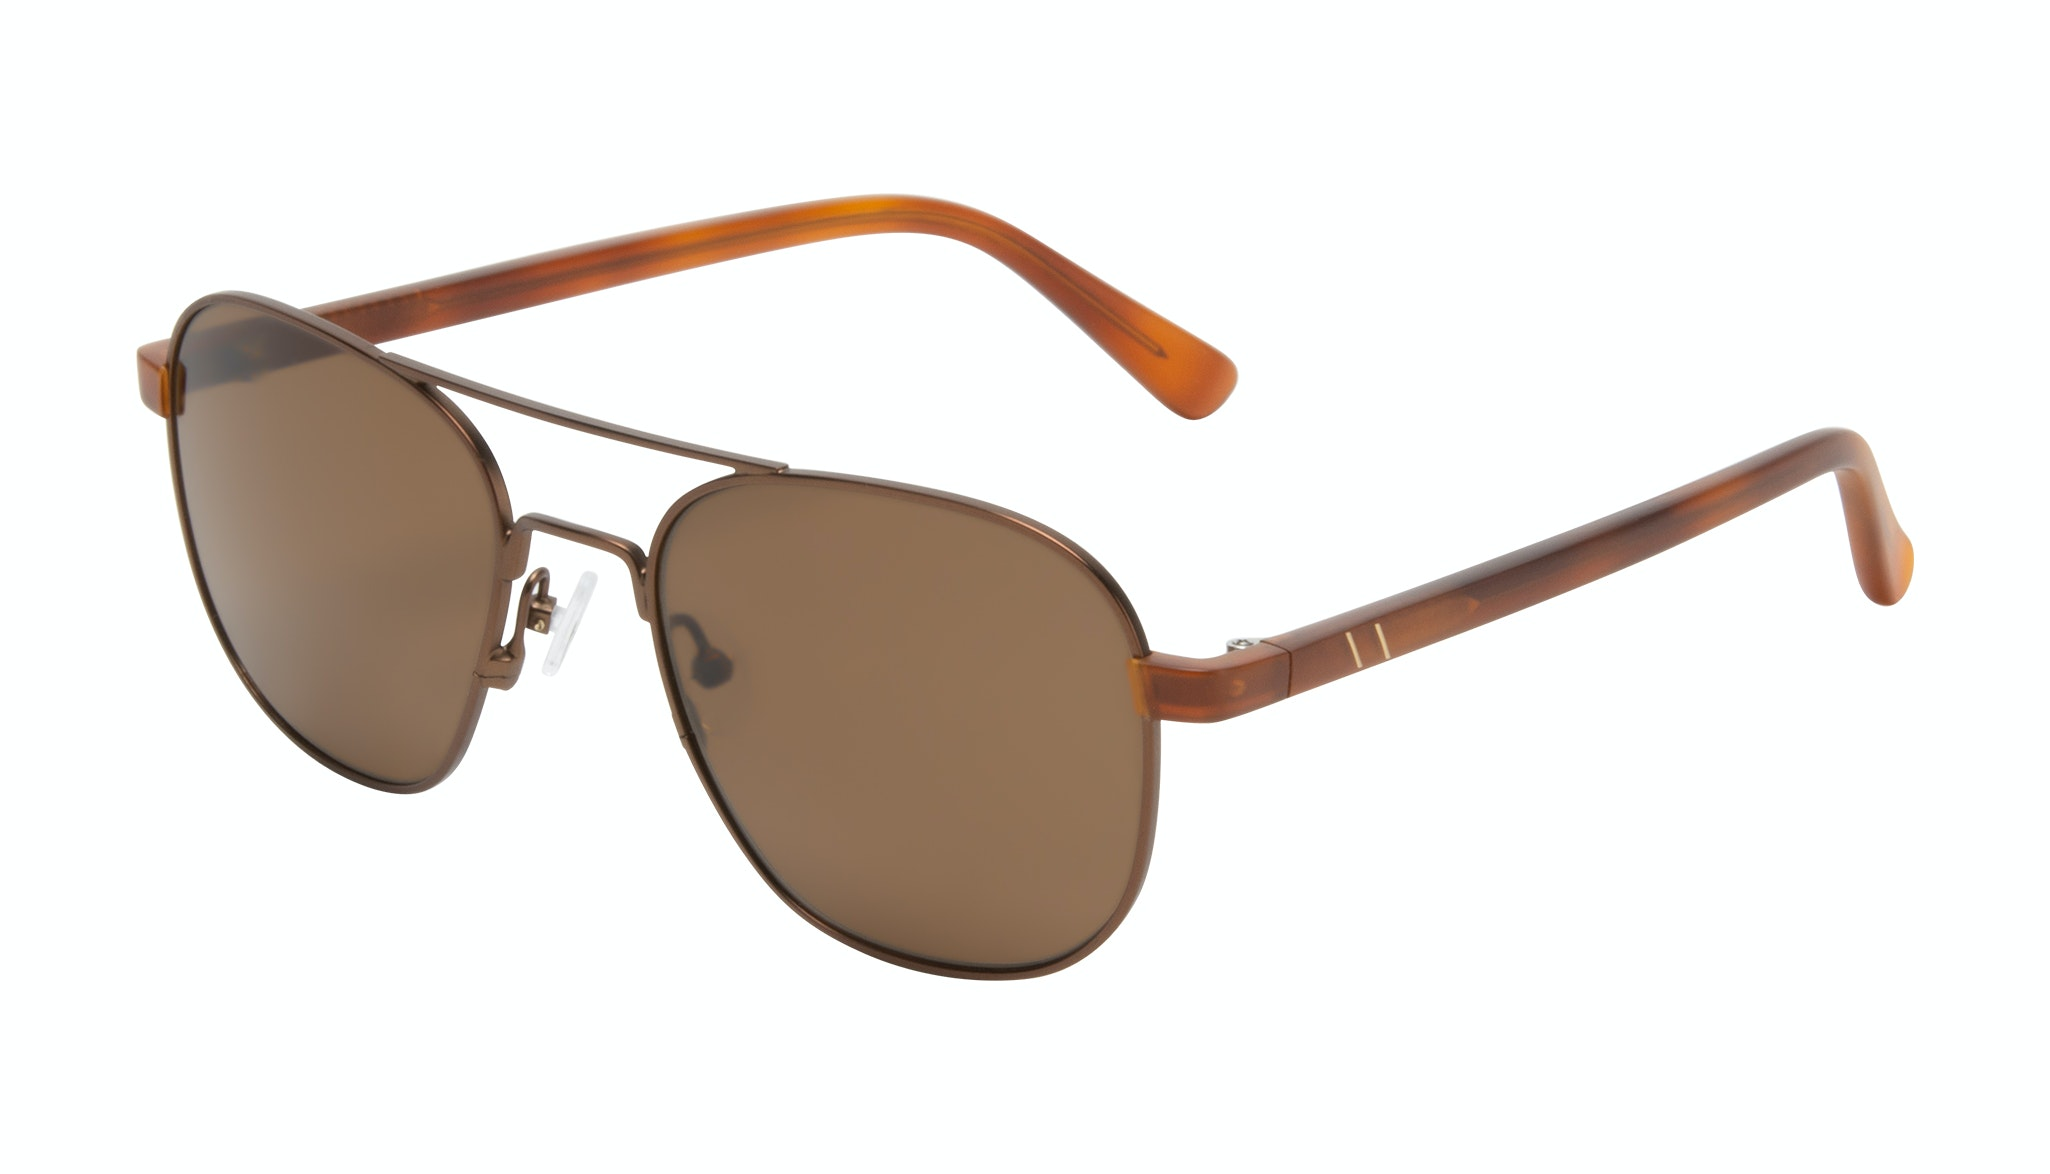 Affordable Fashion Glasses Aviator Sunglasses Men Pulse Brass Tilt